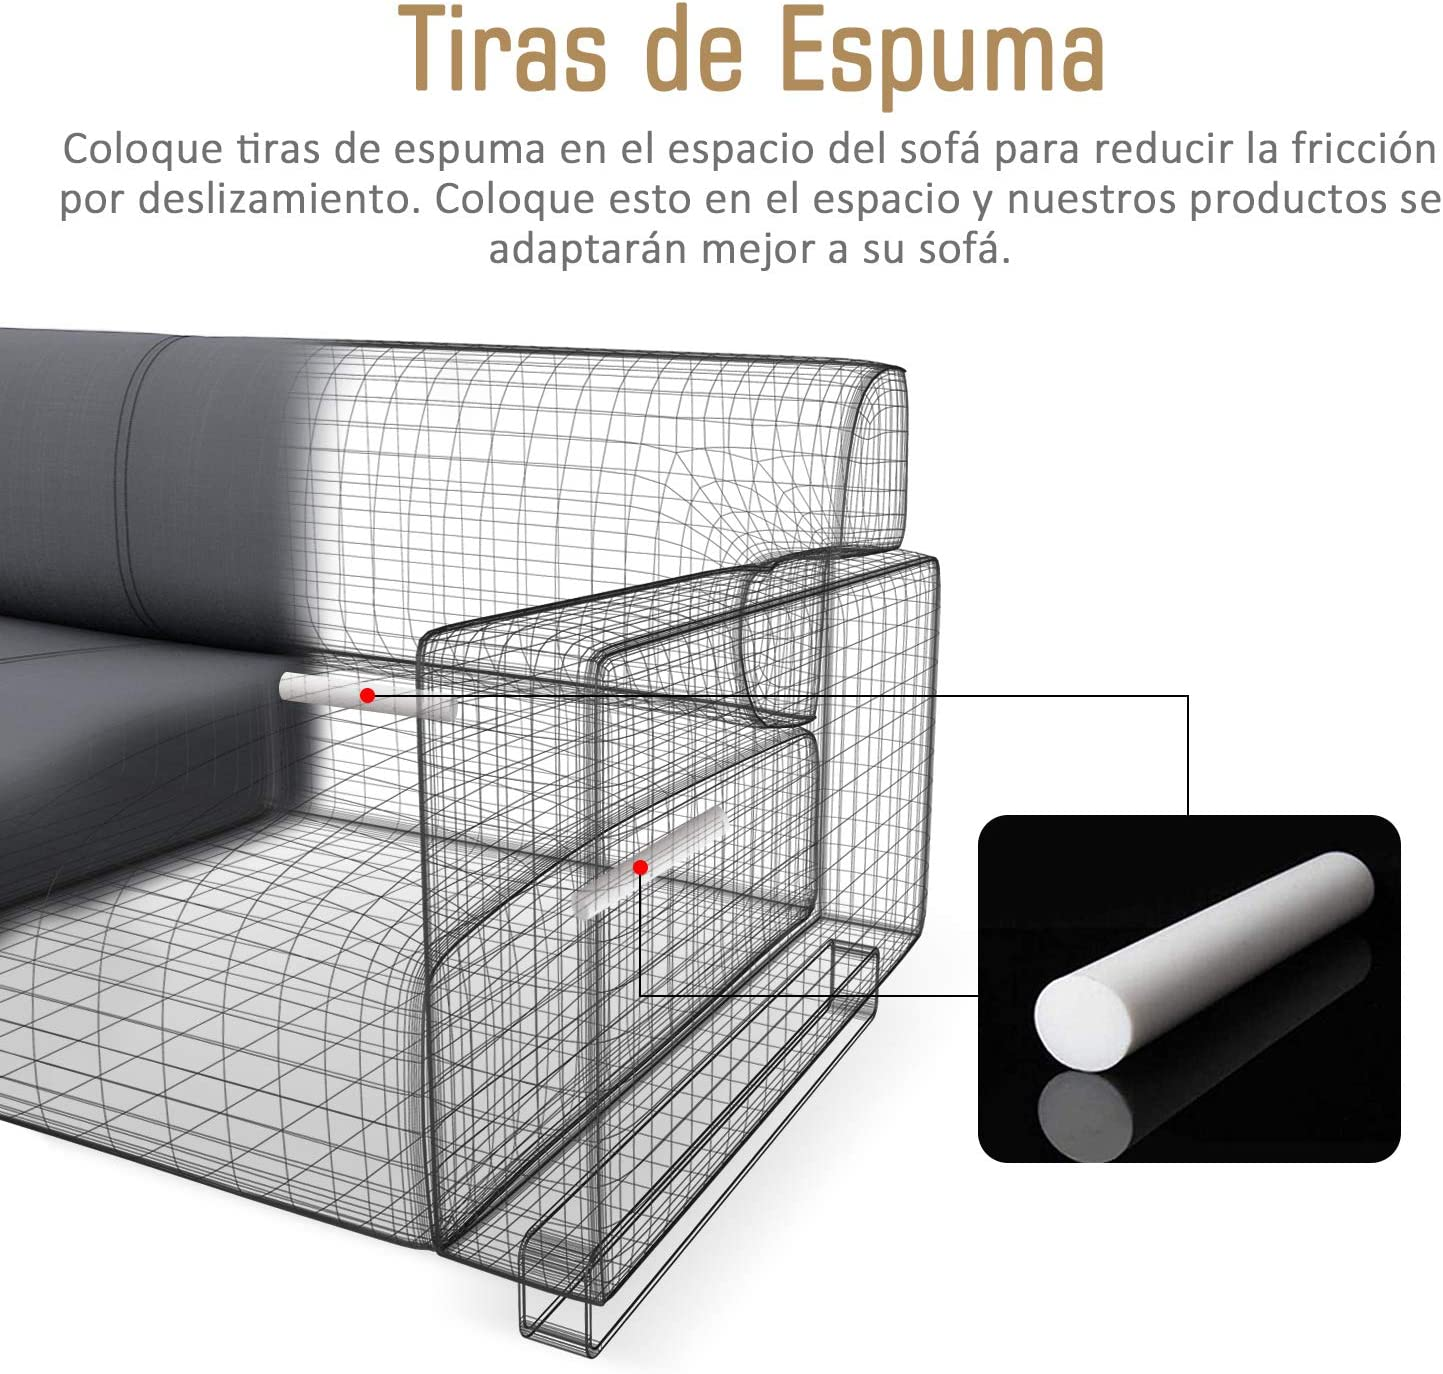 TAOCOCO Funda de Sof/á//Funda de sof/á Antideslizante//Funda de Fof/á El/ástica//Lavable//Anti/ácaros//Antiarrugas Beige//1 Plazas 70-110 CM